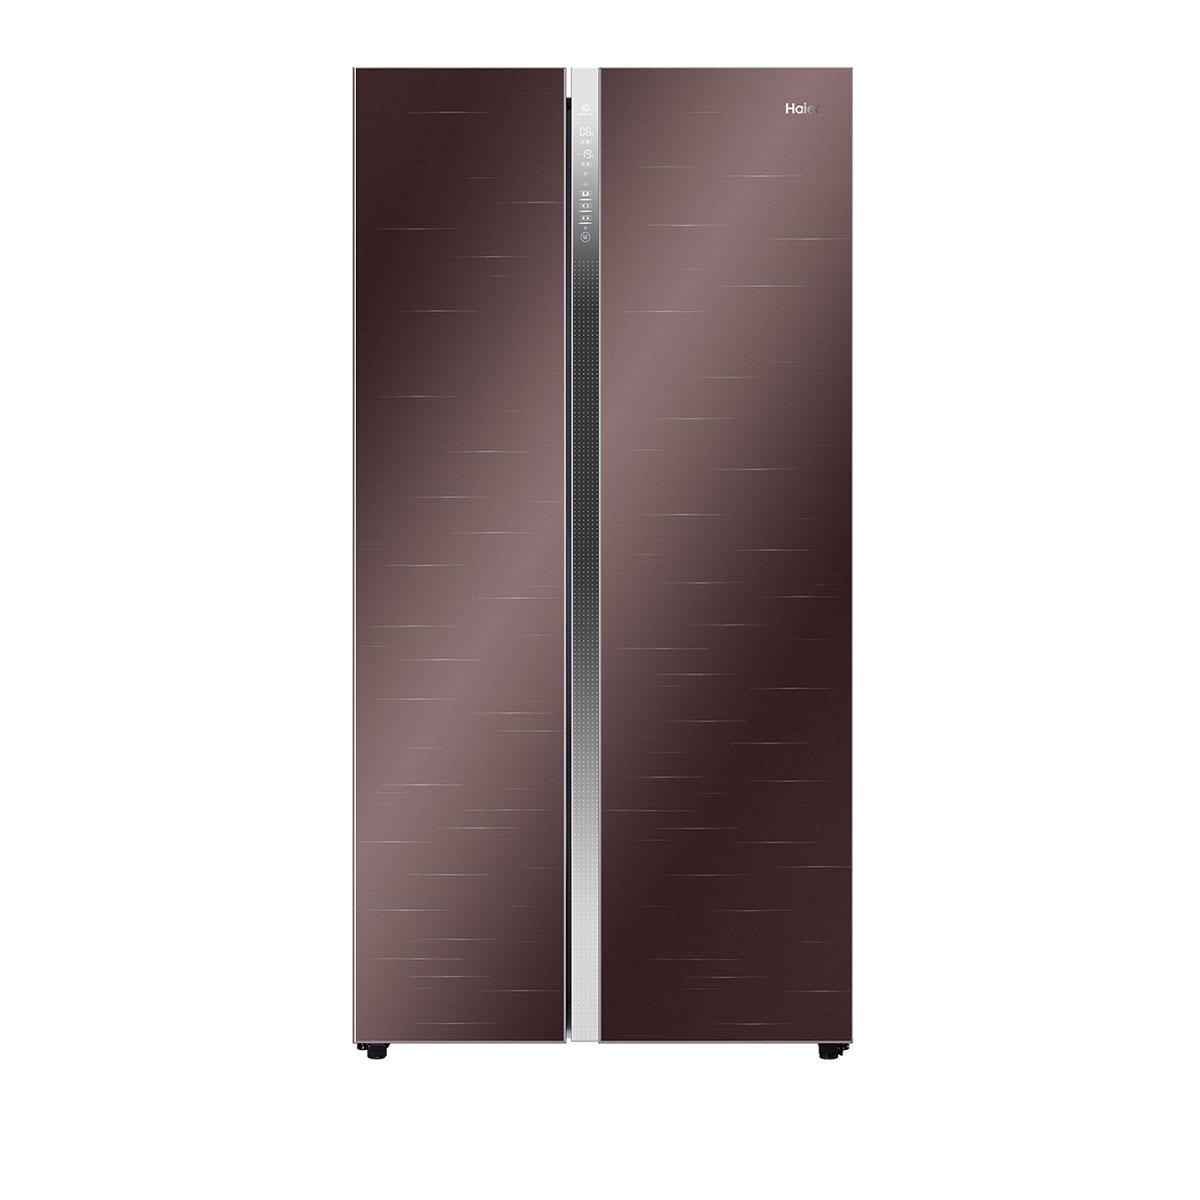 海尔Haier冰箱 BCD-629WDEYU1 说明书